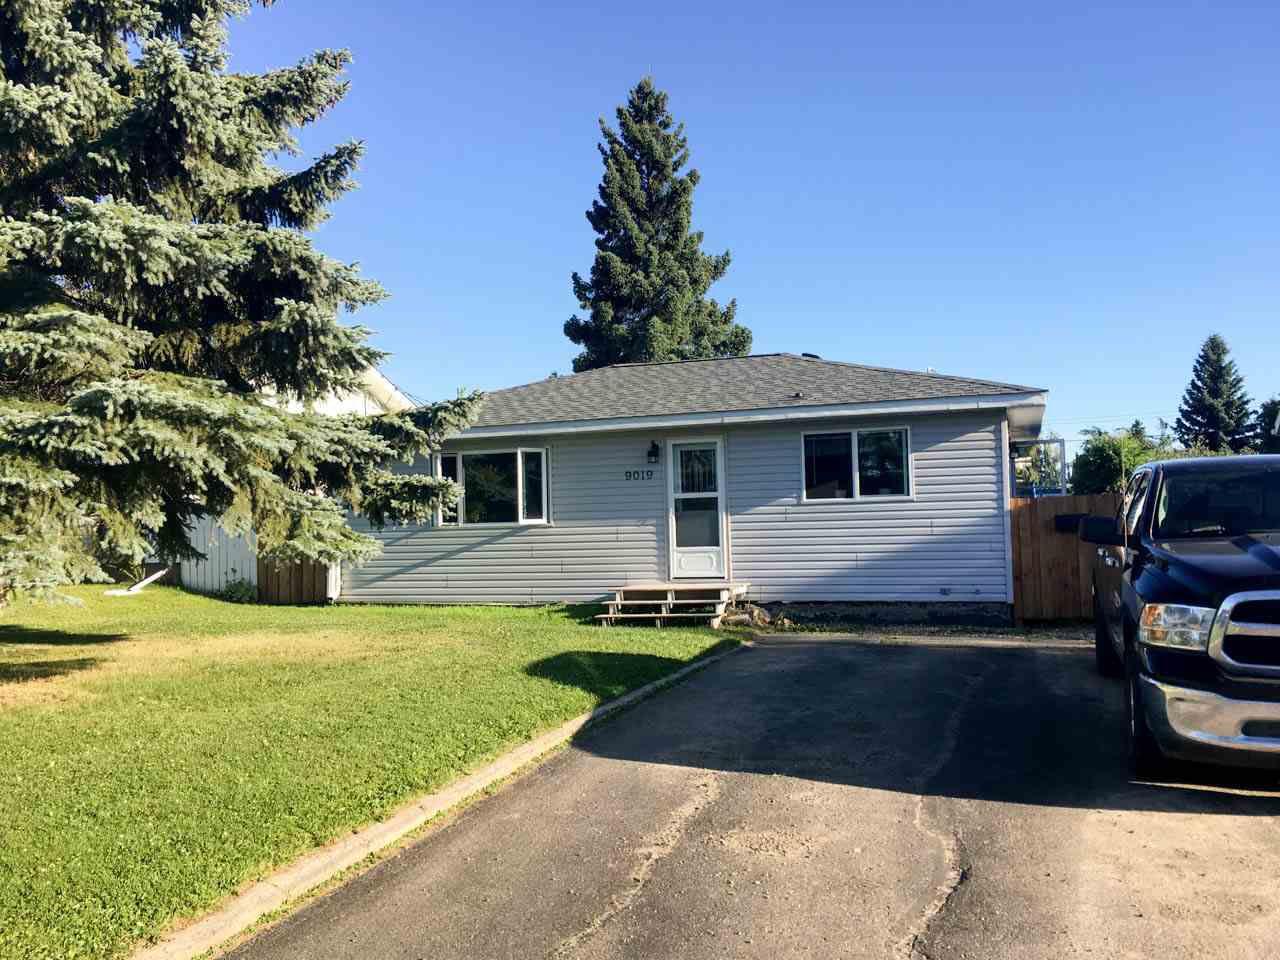 Main Photo: 9019 105 Avenue in Fort St. John: Fort St. John - City NE House for sale (Fort St. John (Zone 60))  : MLS®# R2258059